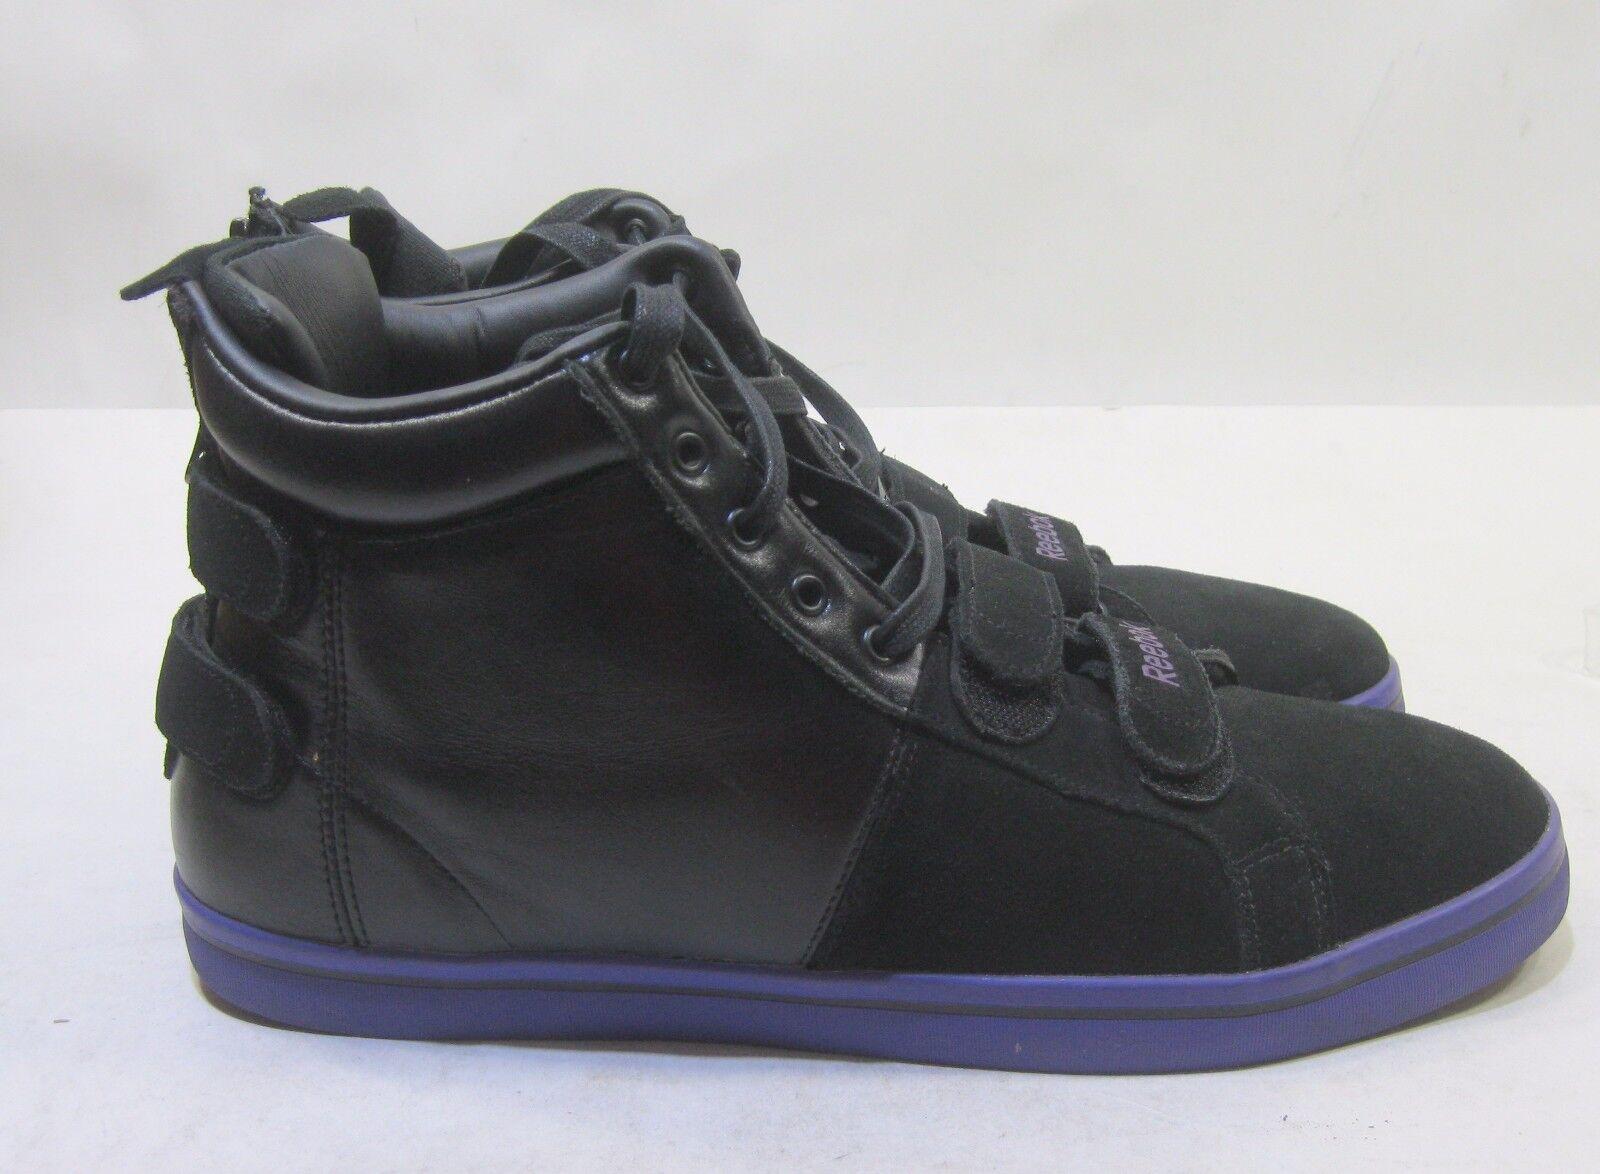 Reebok originales Hi Top y Negro j22865 zapatos comodos y Top hermosos moda barato 842aab